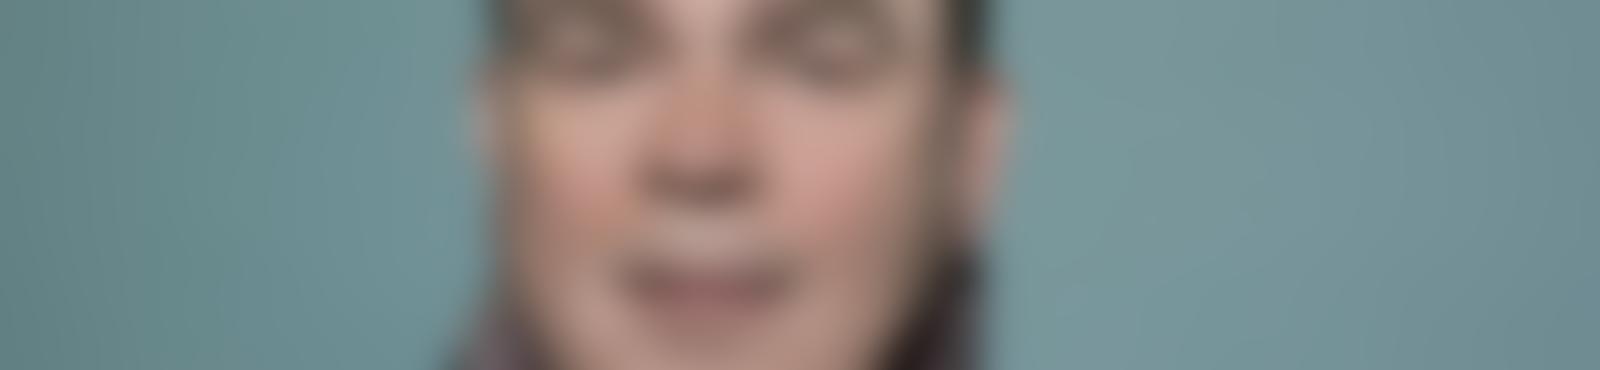 Blurred 22f99361 d8db 4538 8acb 6befee7a5005